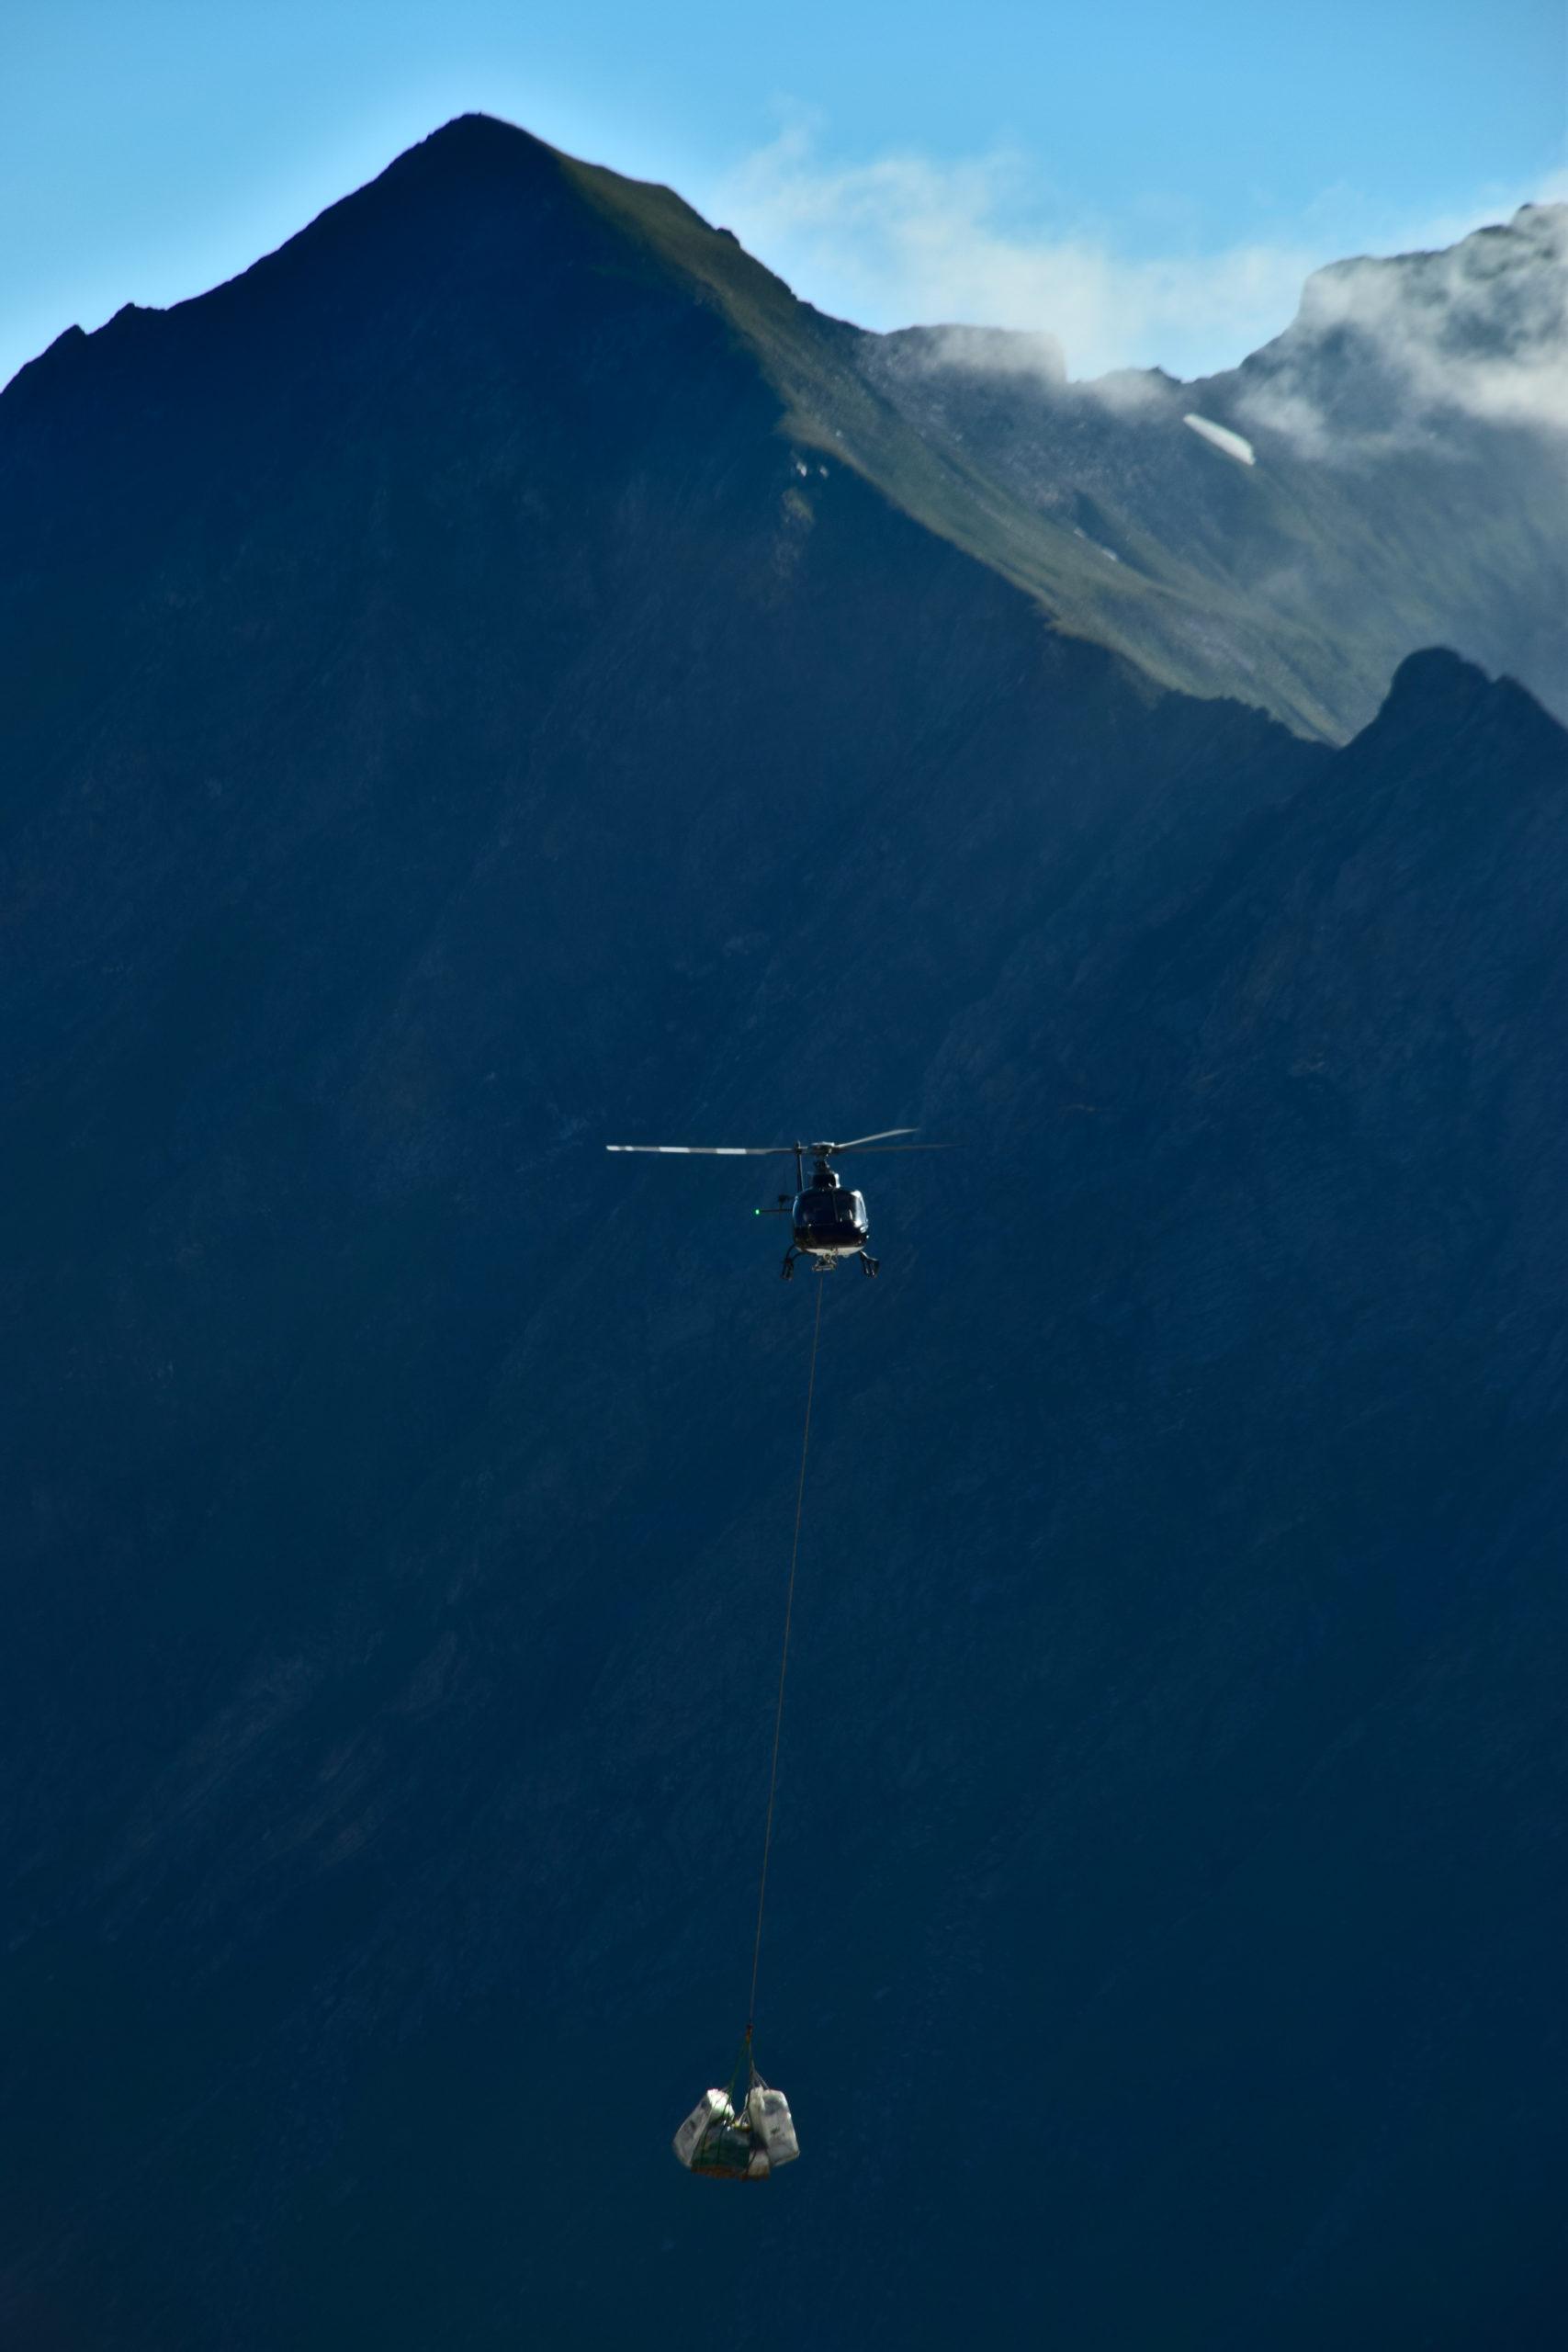 alpy-schronisko-górskie-praca